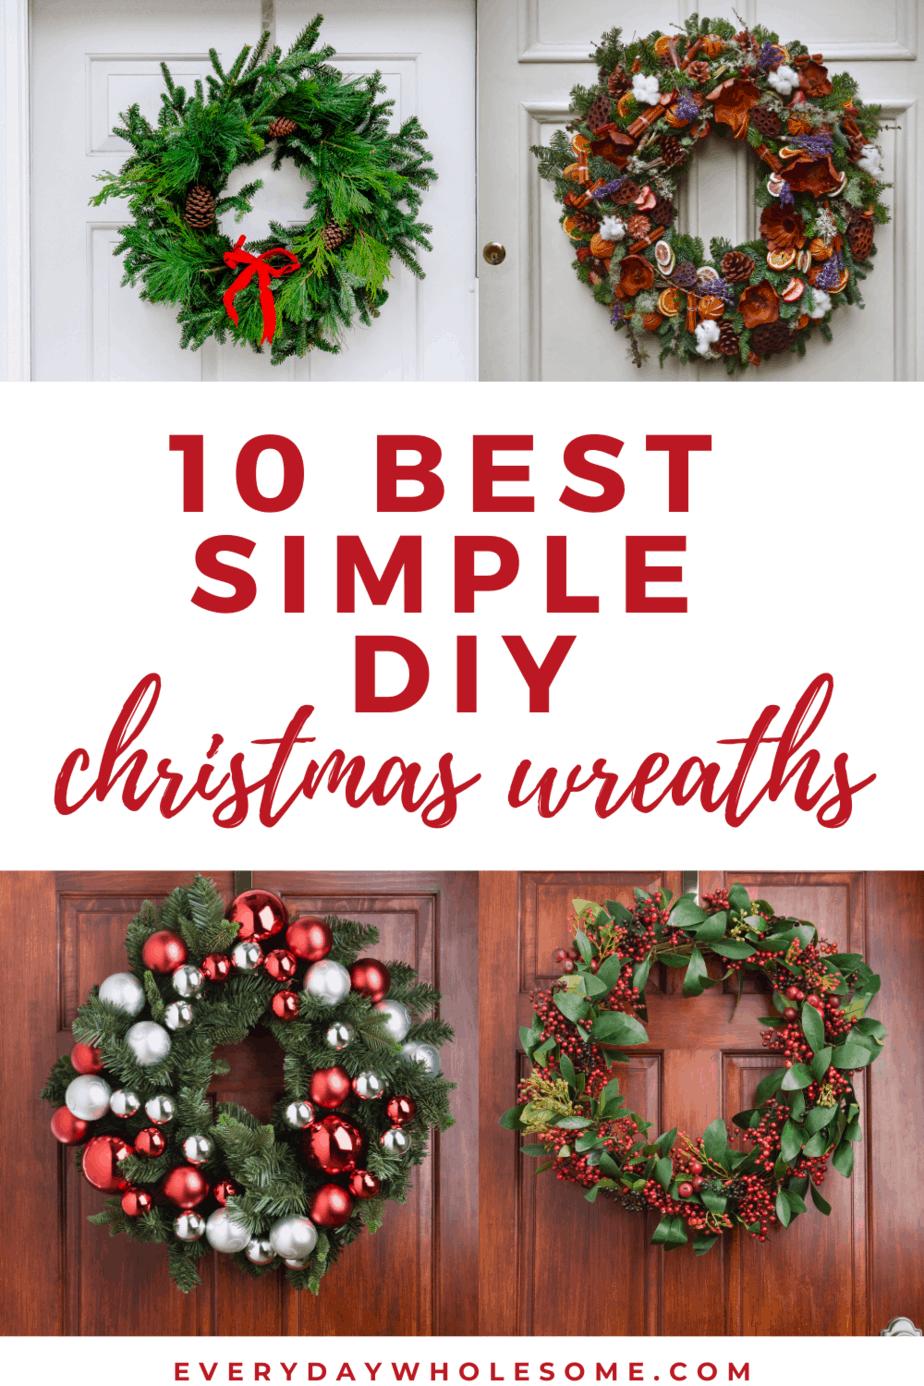 10 best simple diy christmas wreaths